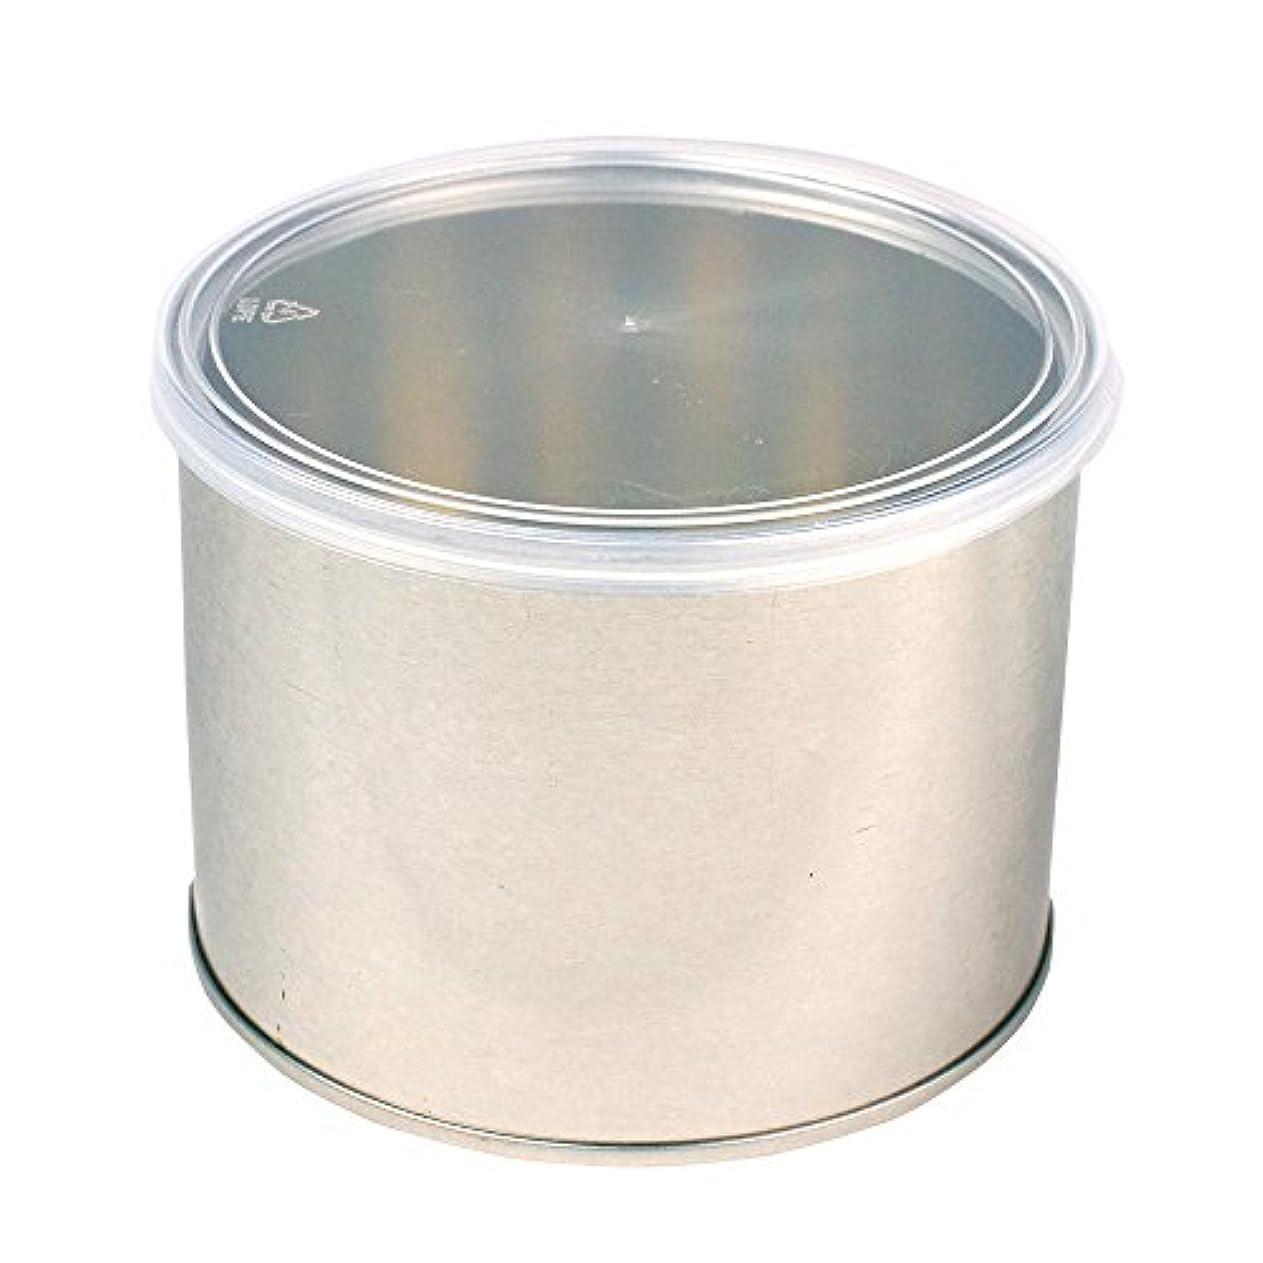 バラエティ歌うキリンワックス脱毛用スチール缶 ハード?ソフト両用 キャップ付 1個(032-1) ブラジリアンワックス